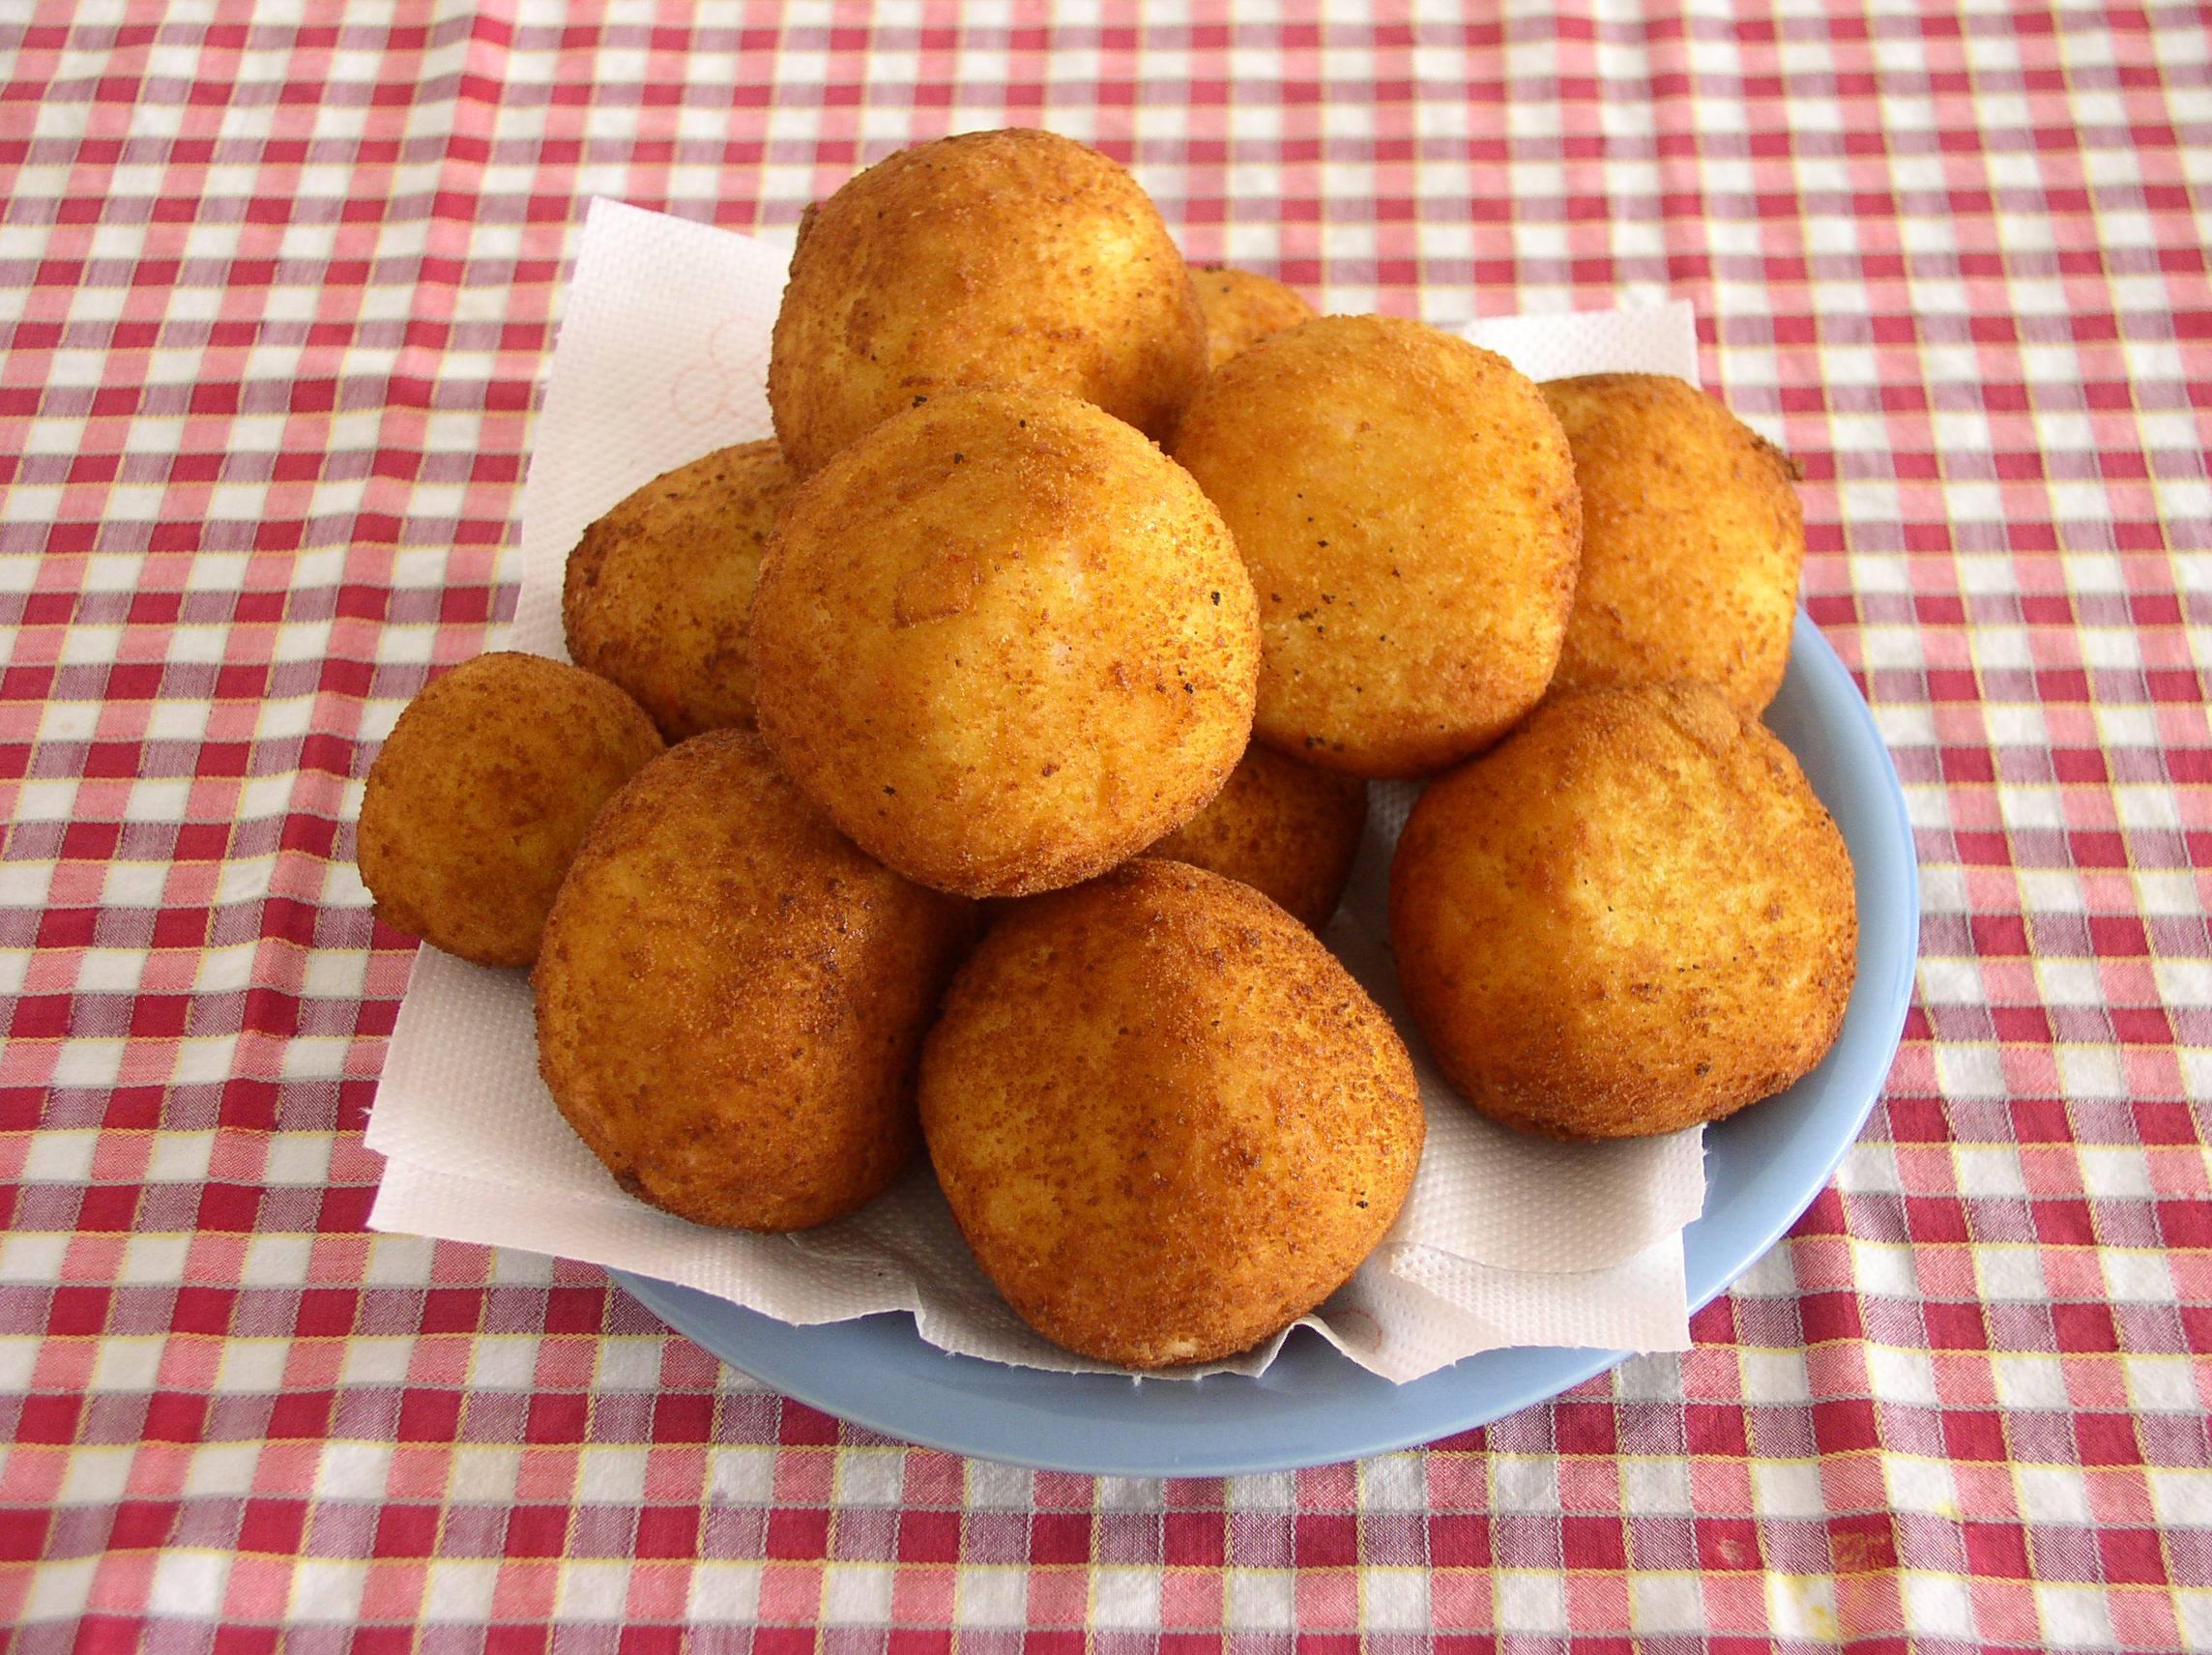 Palline con fiocchi di patate, la ricetta gustosa pronta in pochissimi minuti